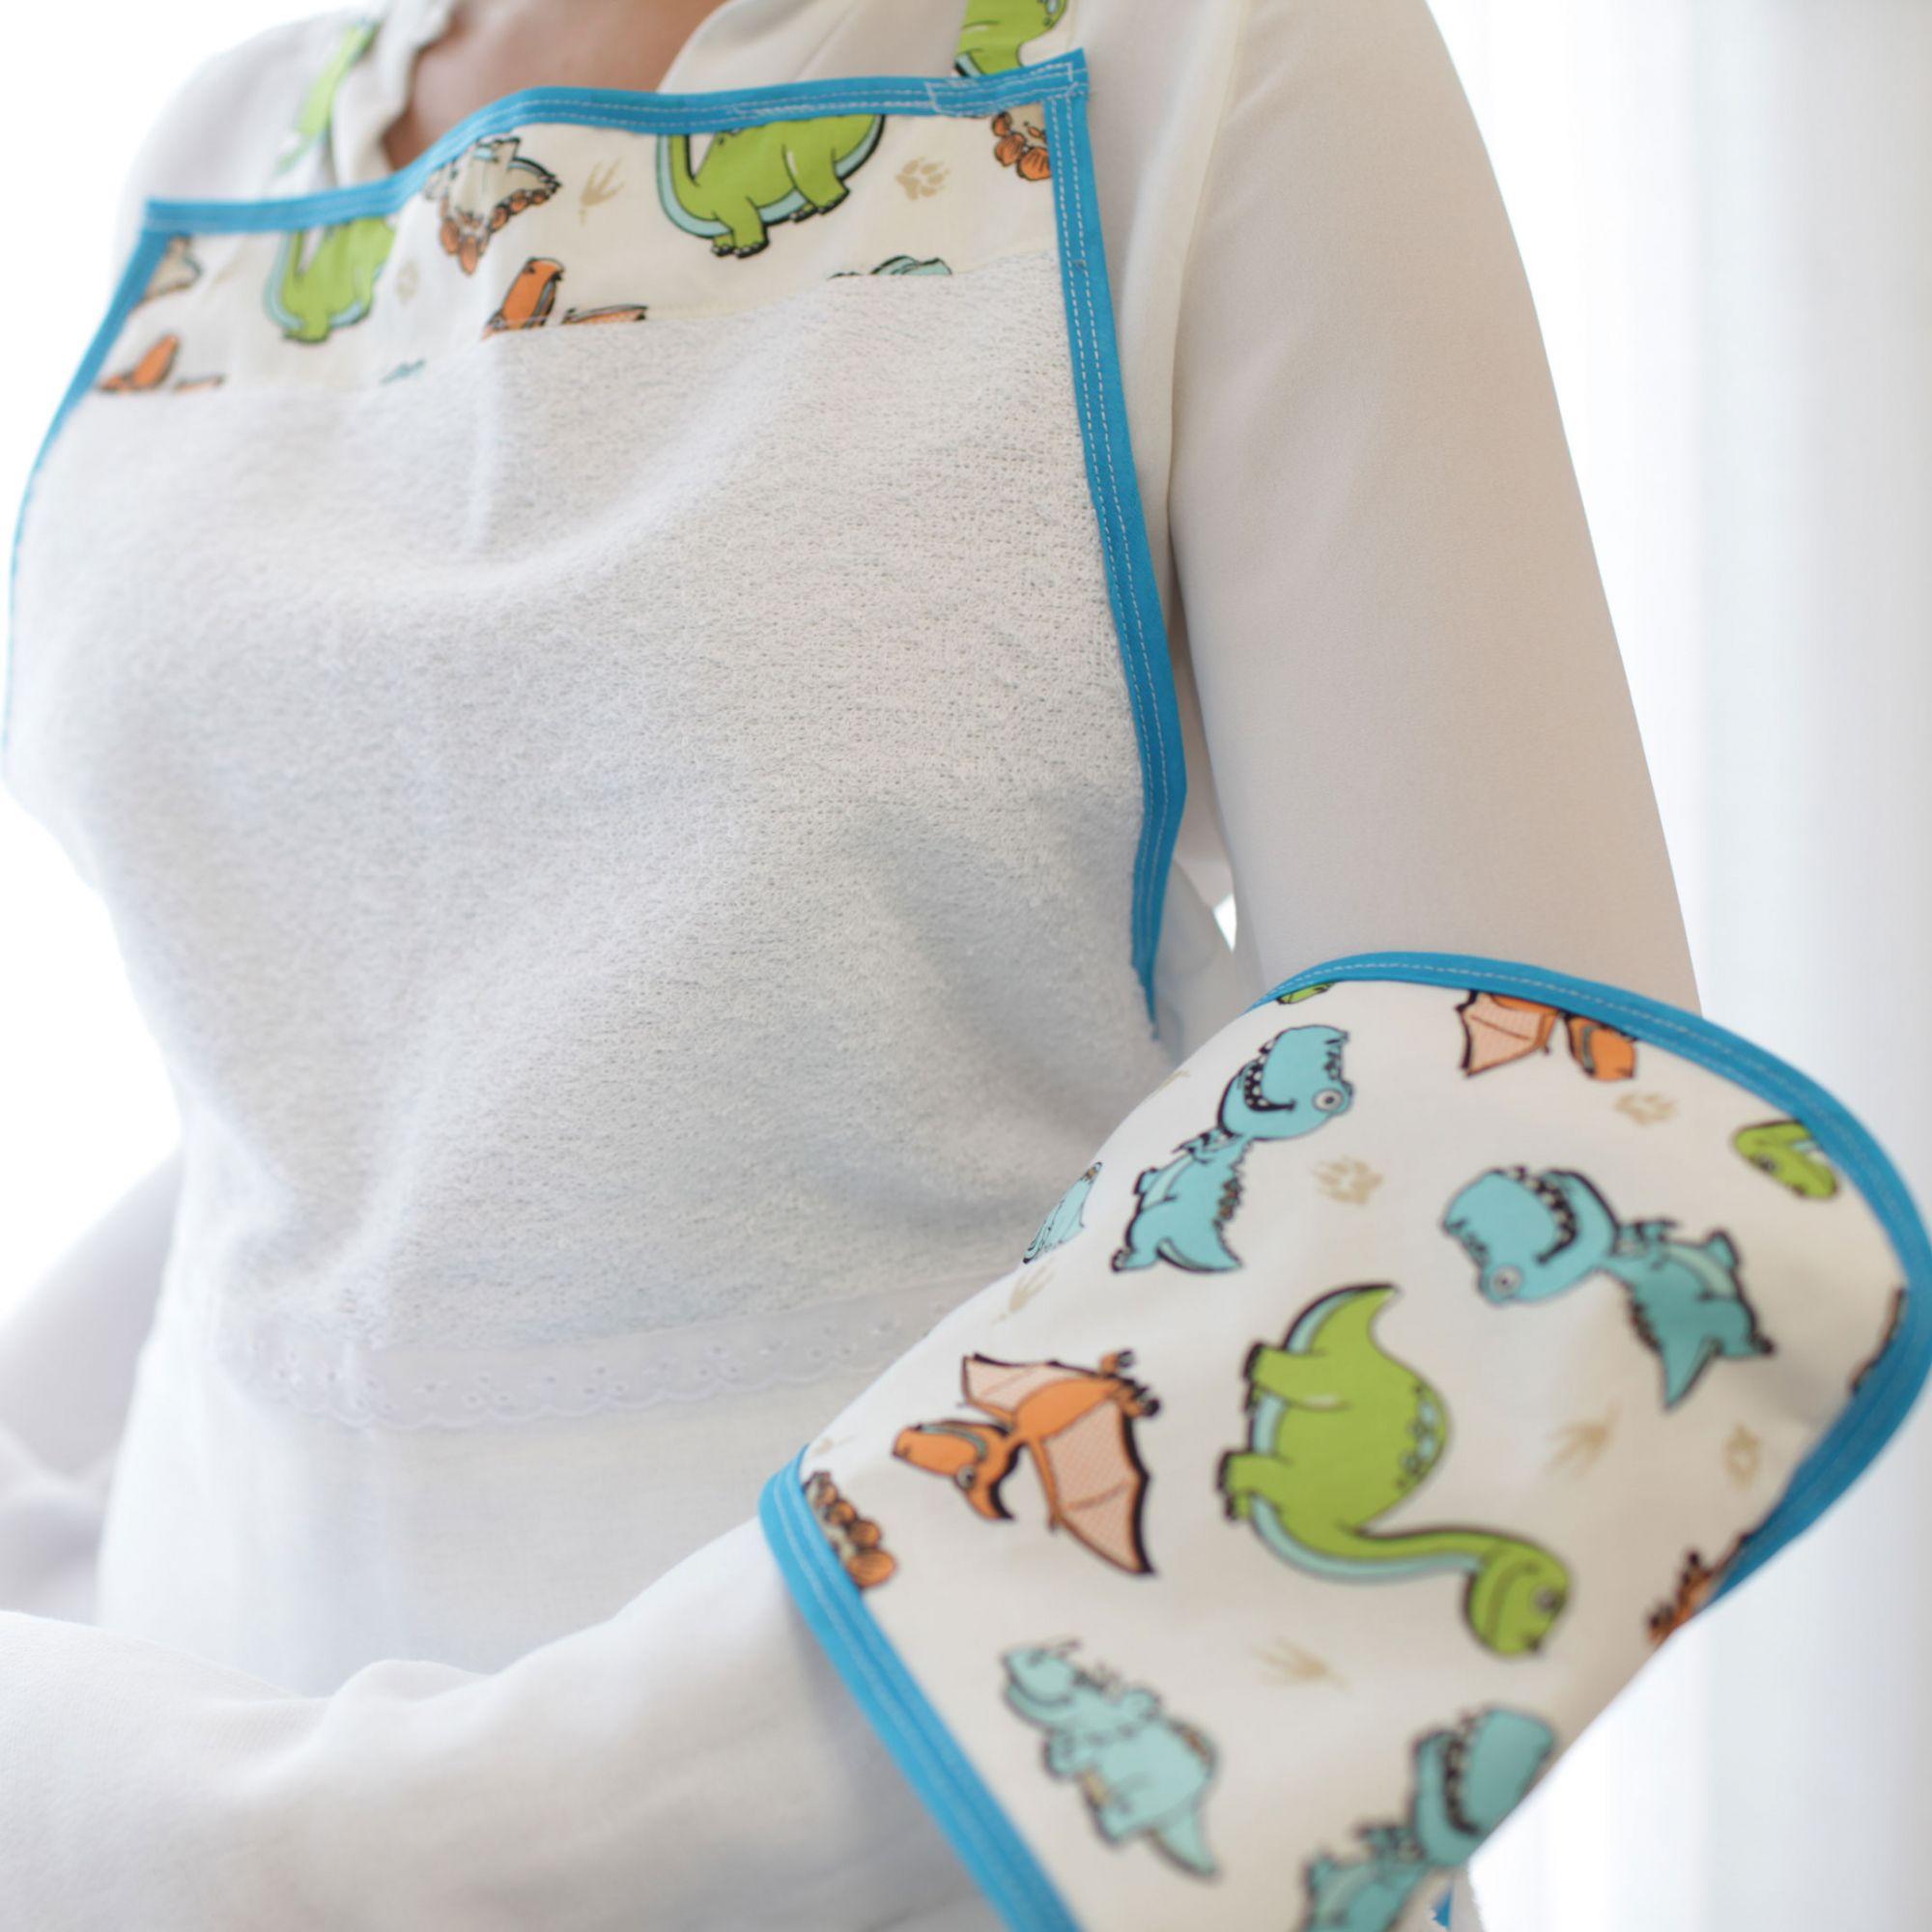 Toalha de Banho Avental Felpuda Forrada Fralda com Capuz Estampado